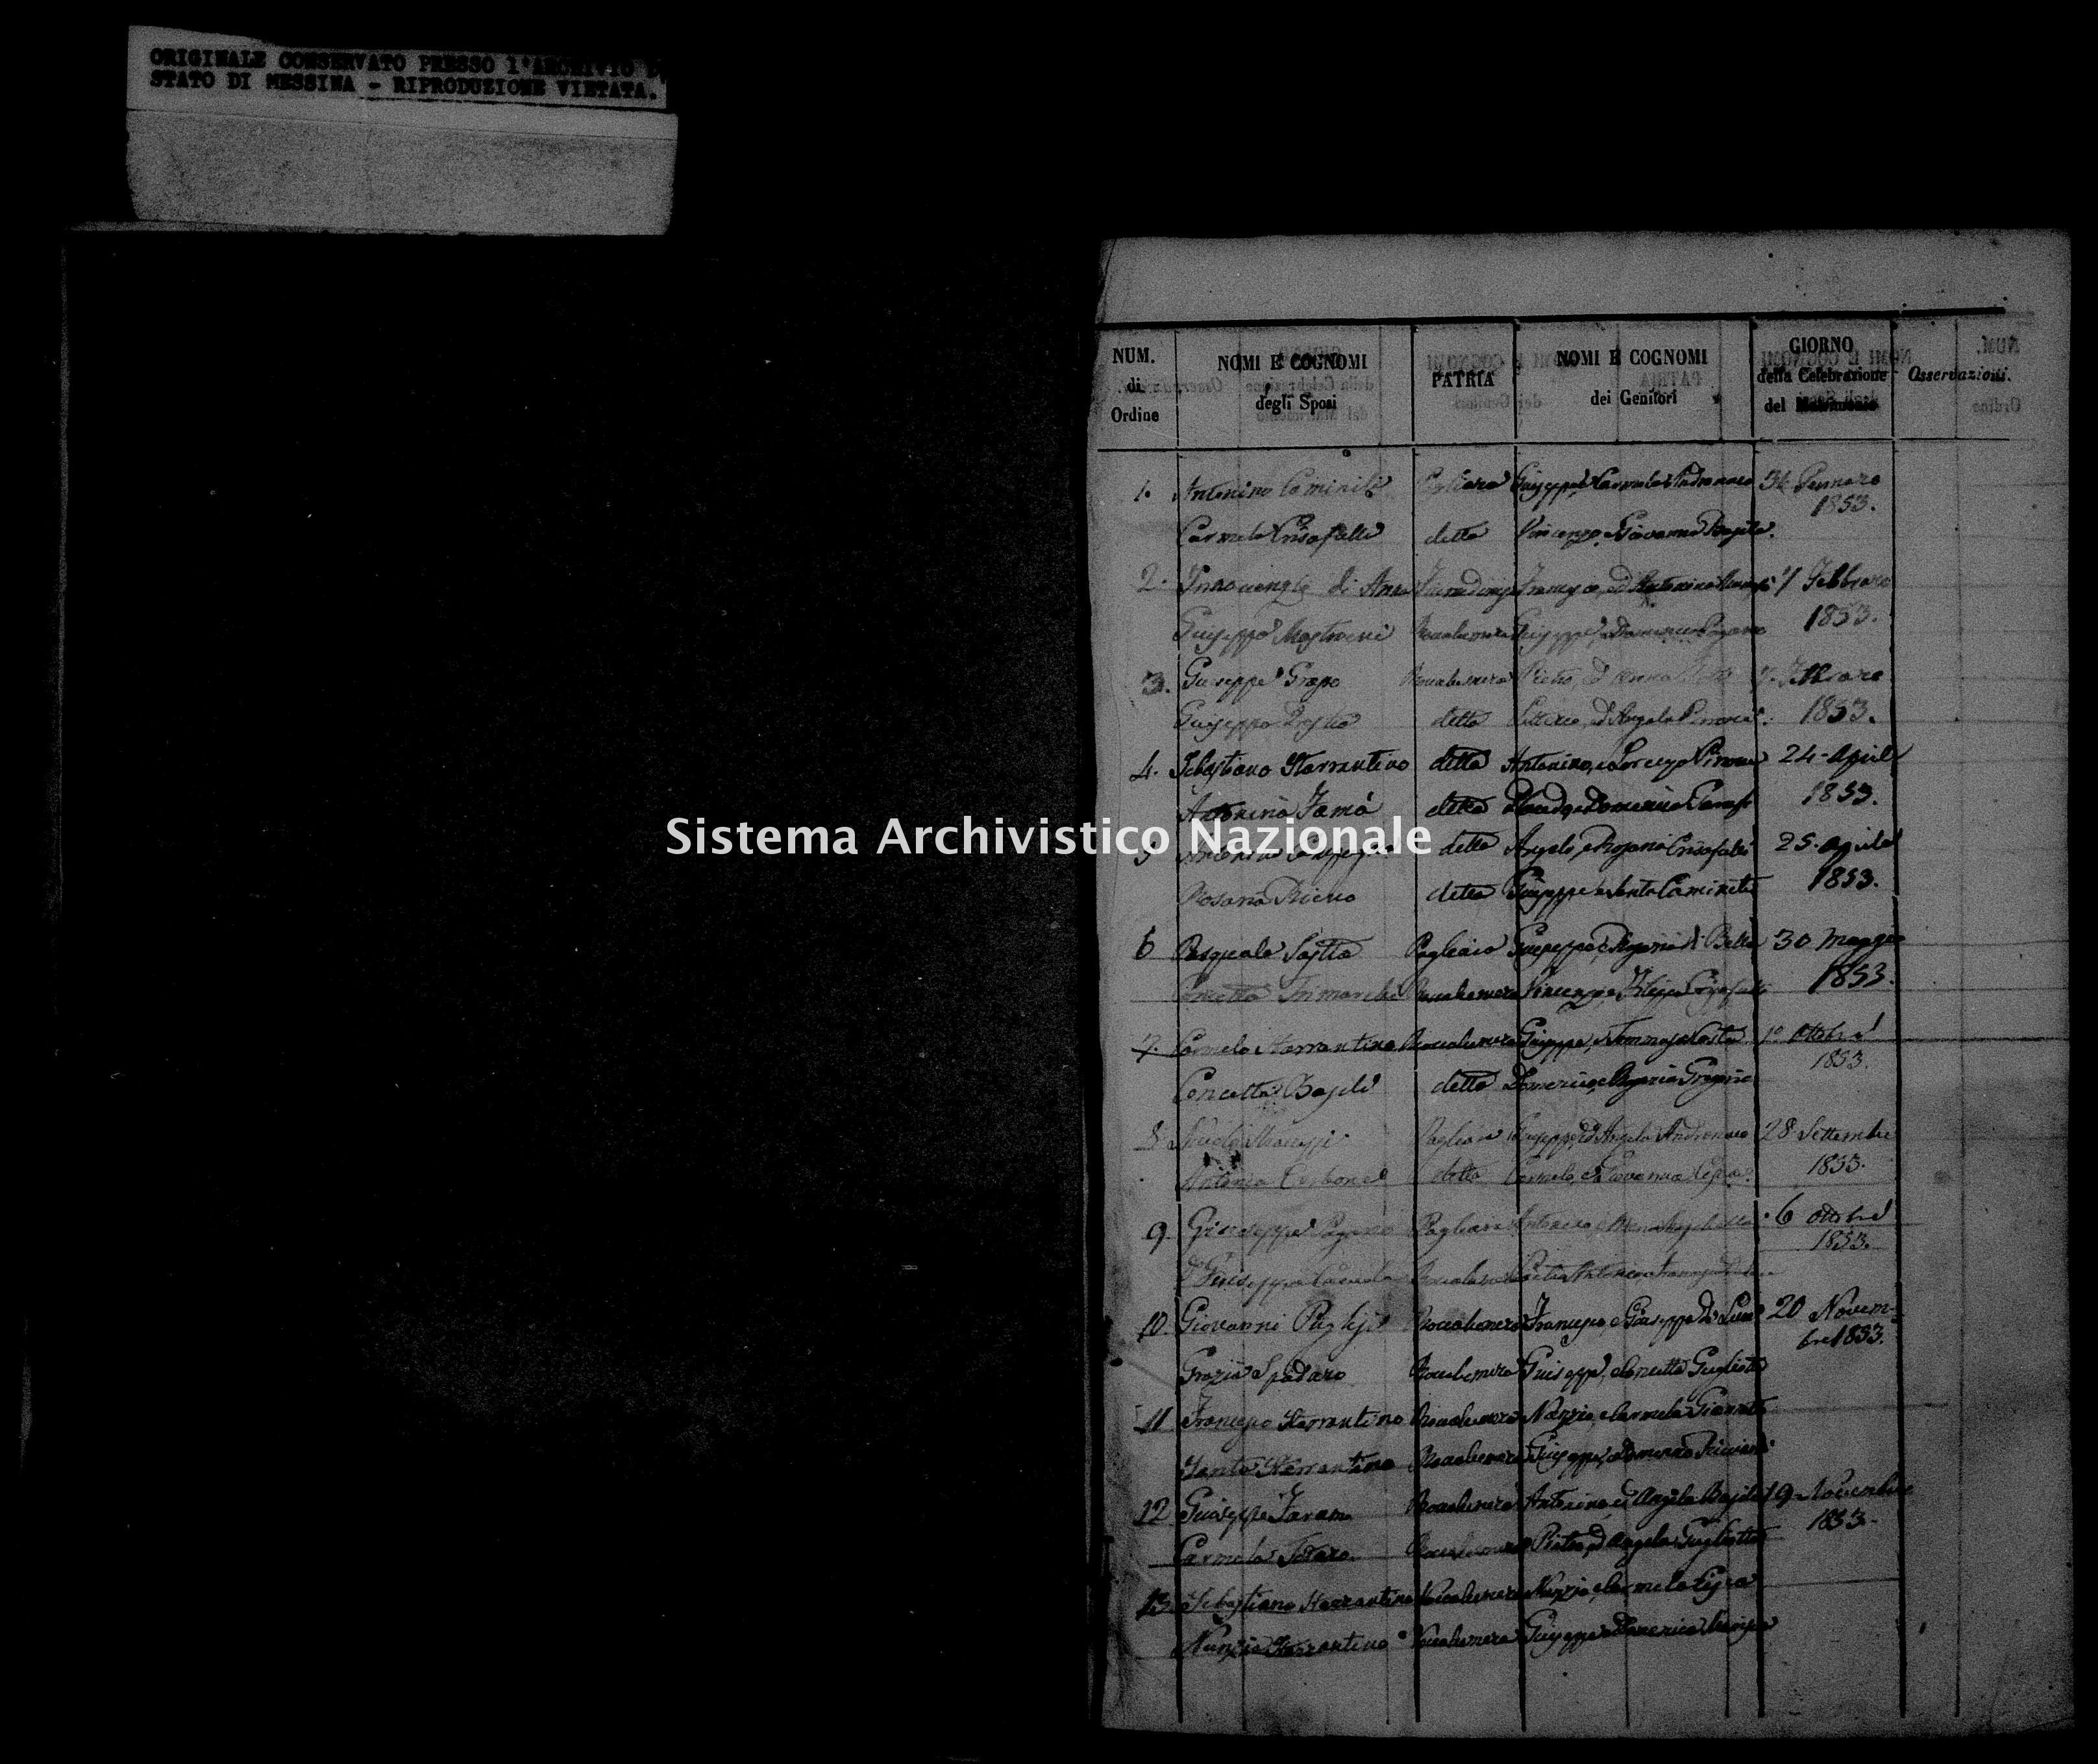 Archivio di stato di Messina - Stato civile della restaurazione - Roccalumera - Matrimoni, indice - 1853 - 1109 -